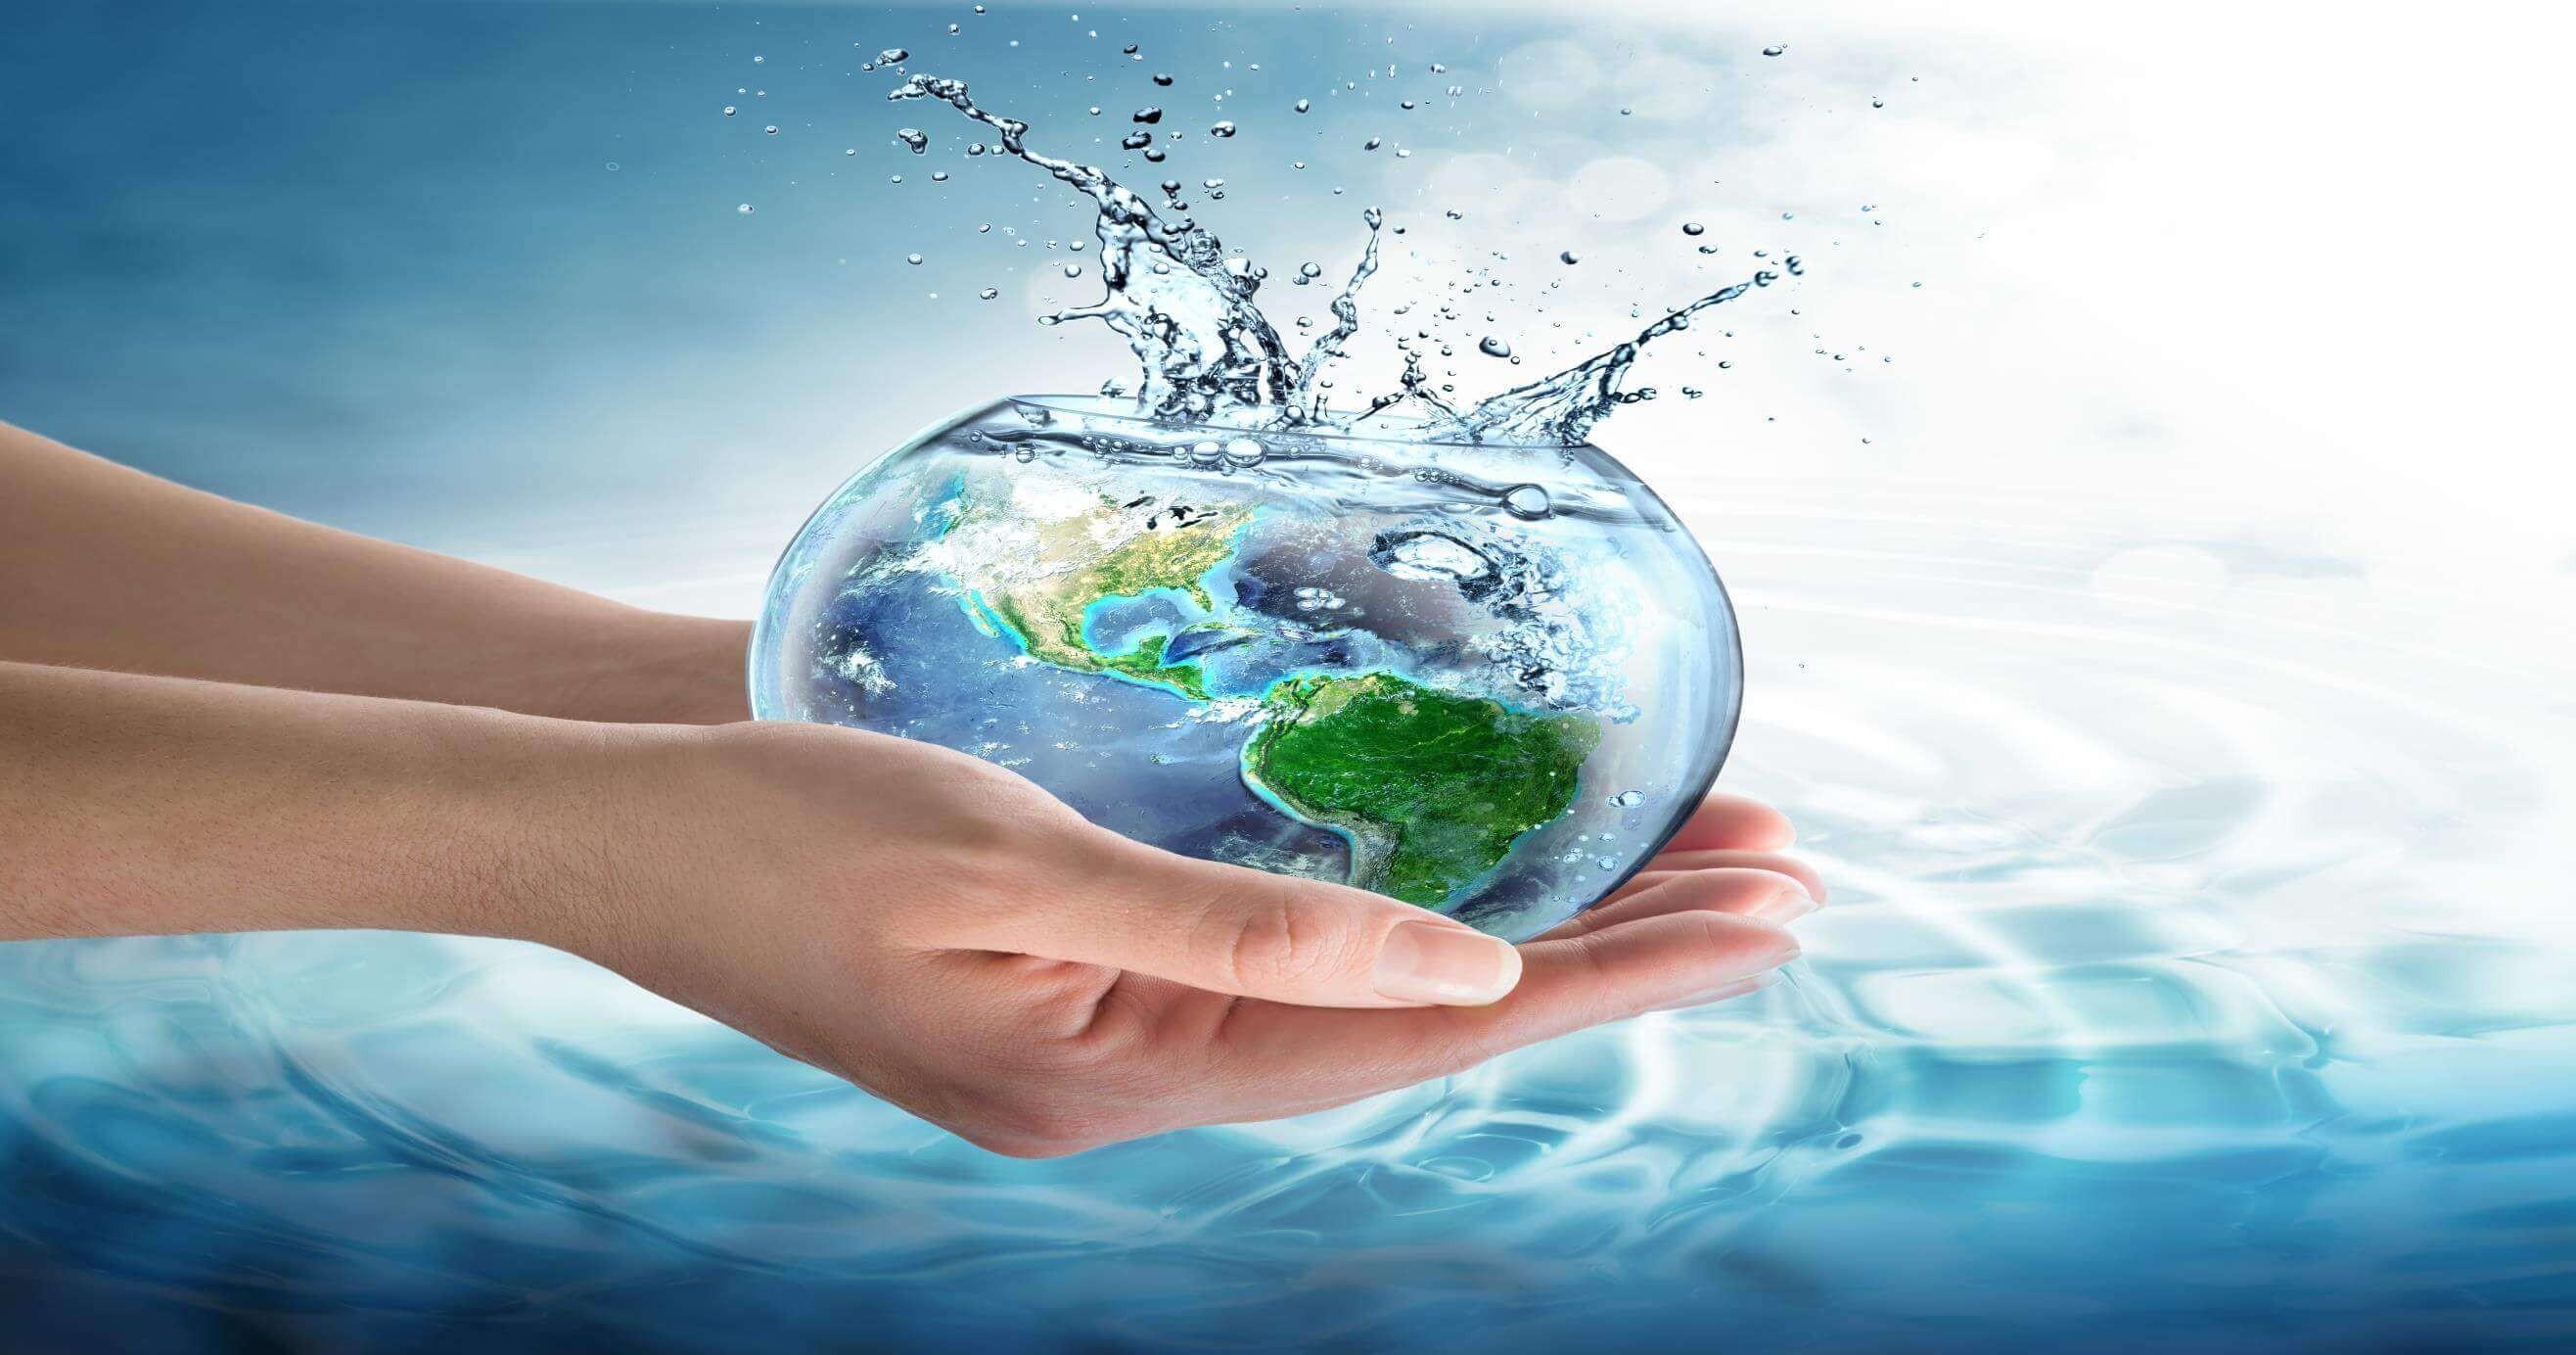 Bảo vệ nguồn nước ngầm là bảo vệ cuộc sống của chúng ta